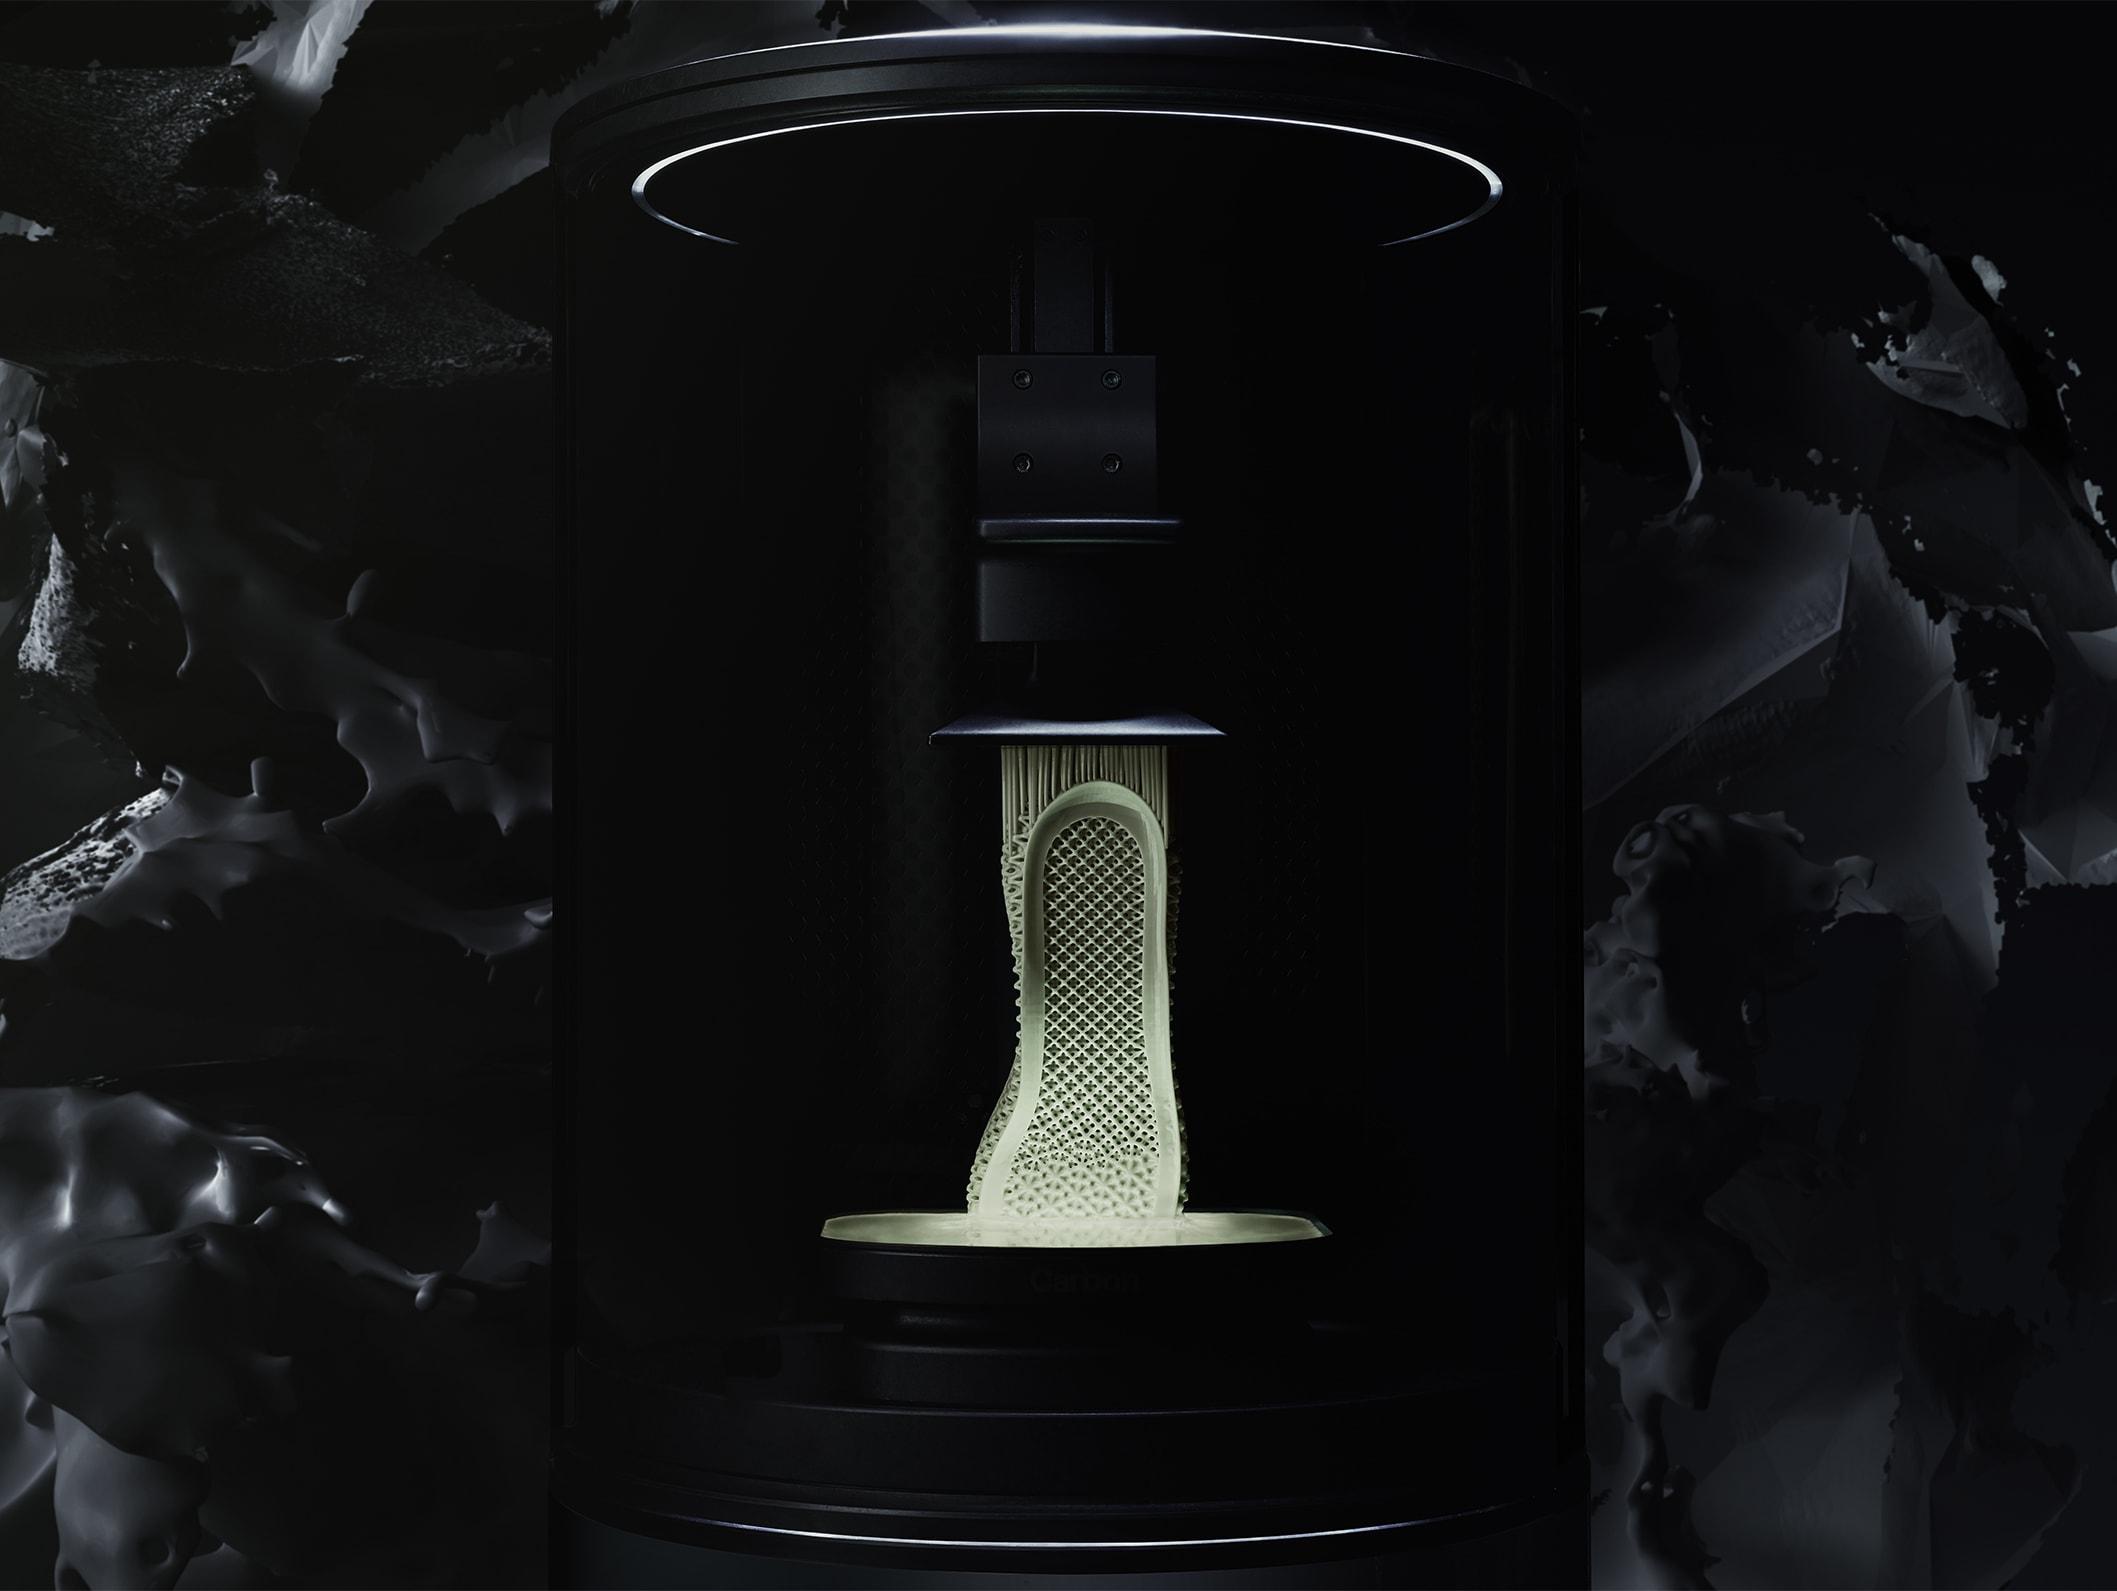 Adidas FutureCraft 4D Sneaker (2)